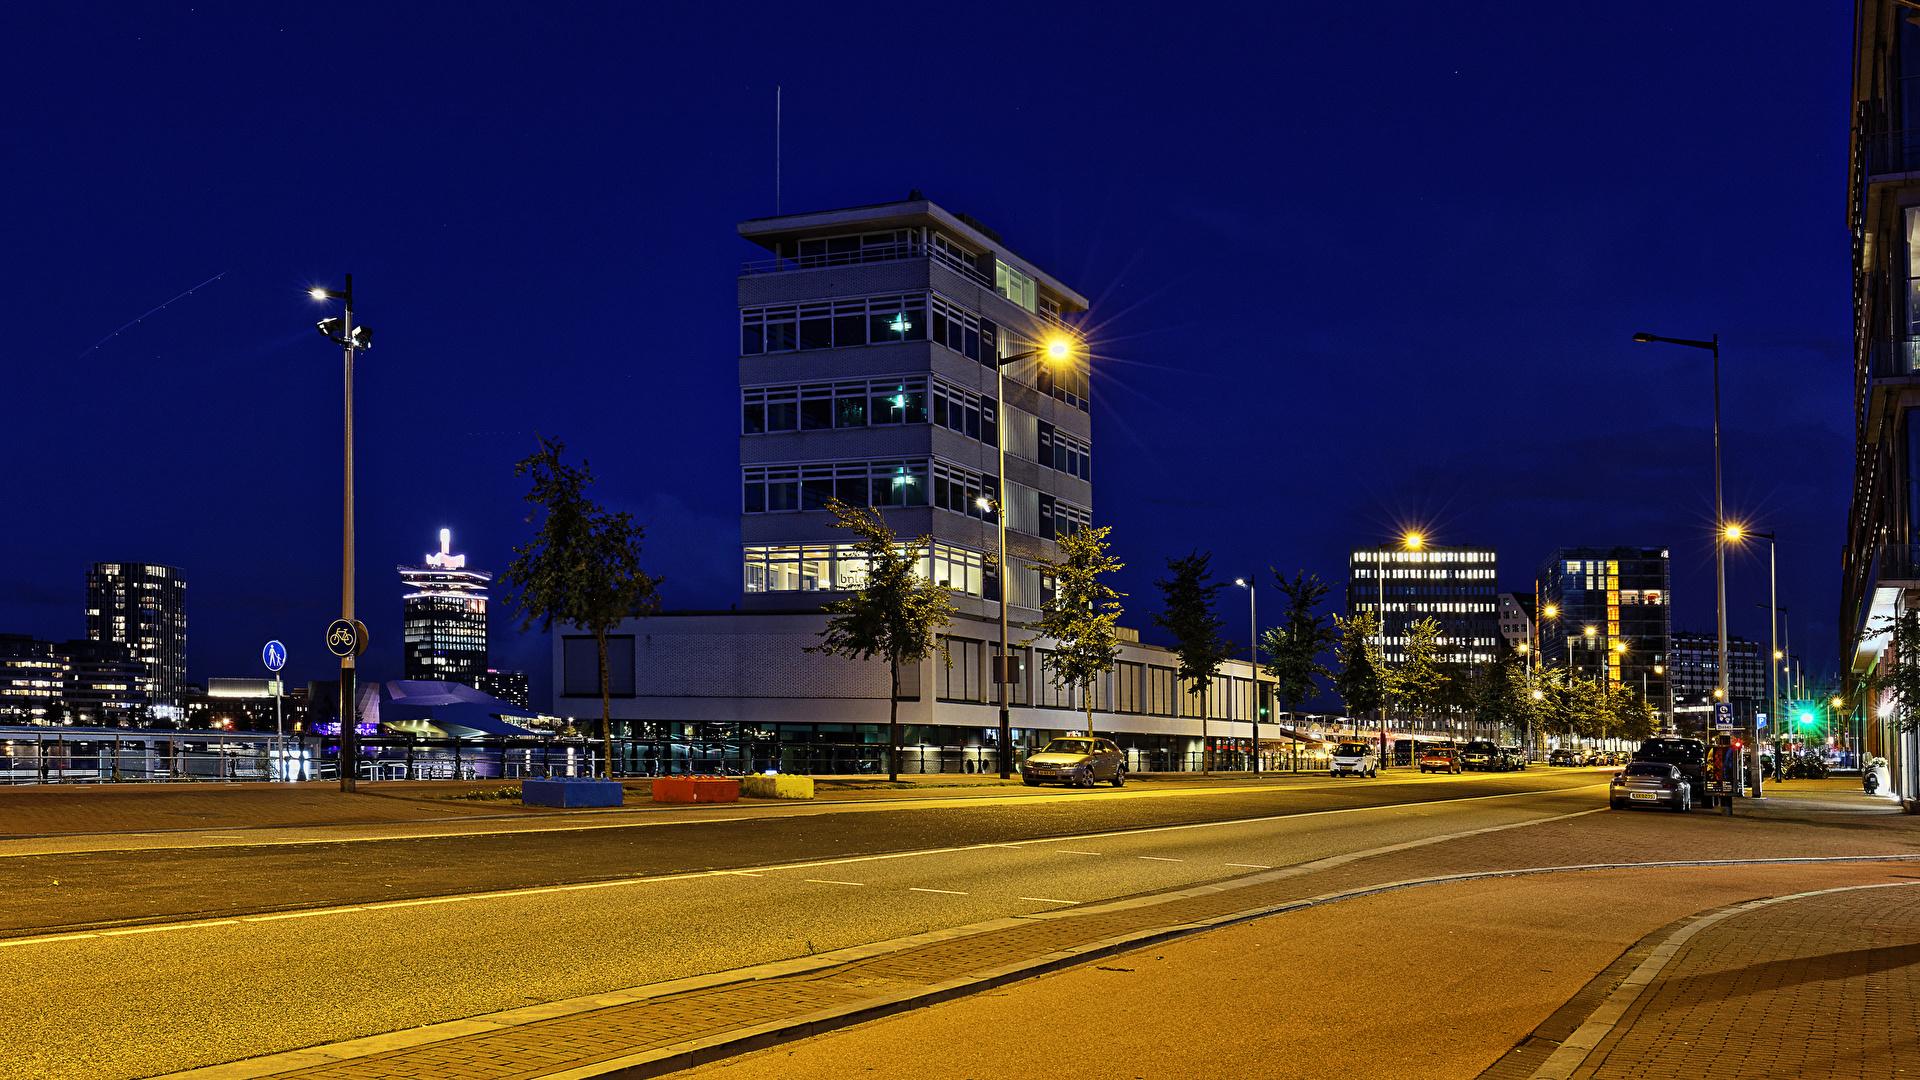 Фотографии Амстердам Нидерланды Дороги Ночные Уличные фонари Города Здания 1920x1080 Ночь Дома